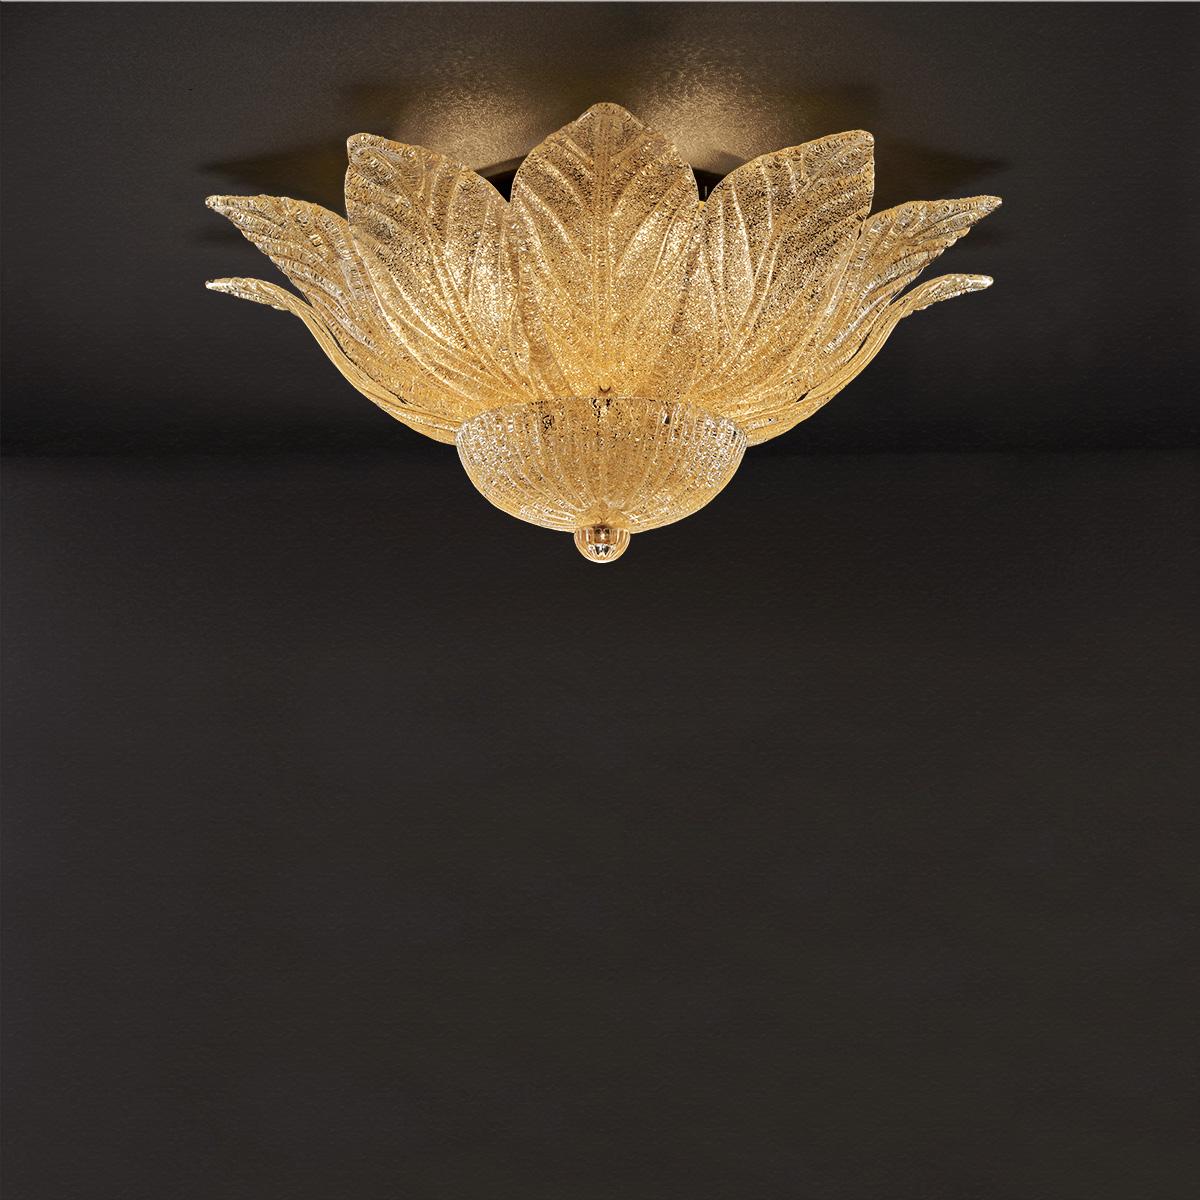 Κλασικό φωτιστικό οροφής STELLA classic ceiling lamp